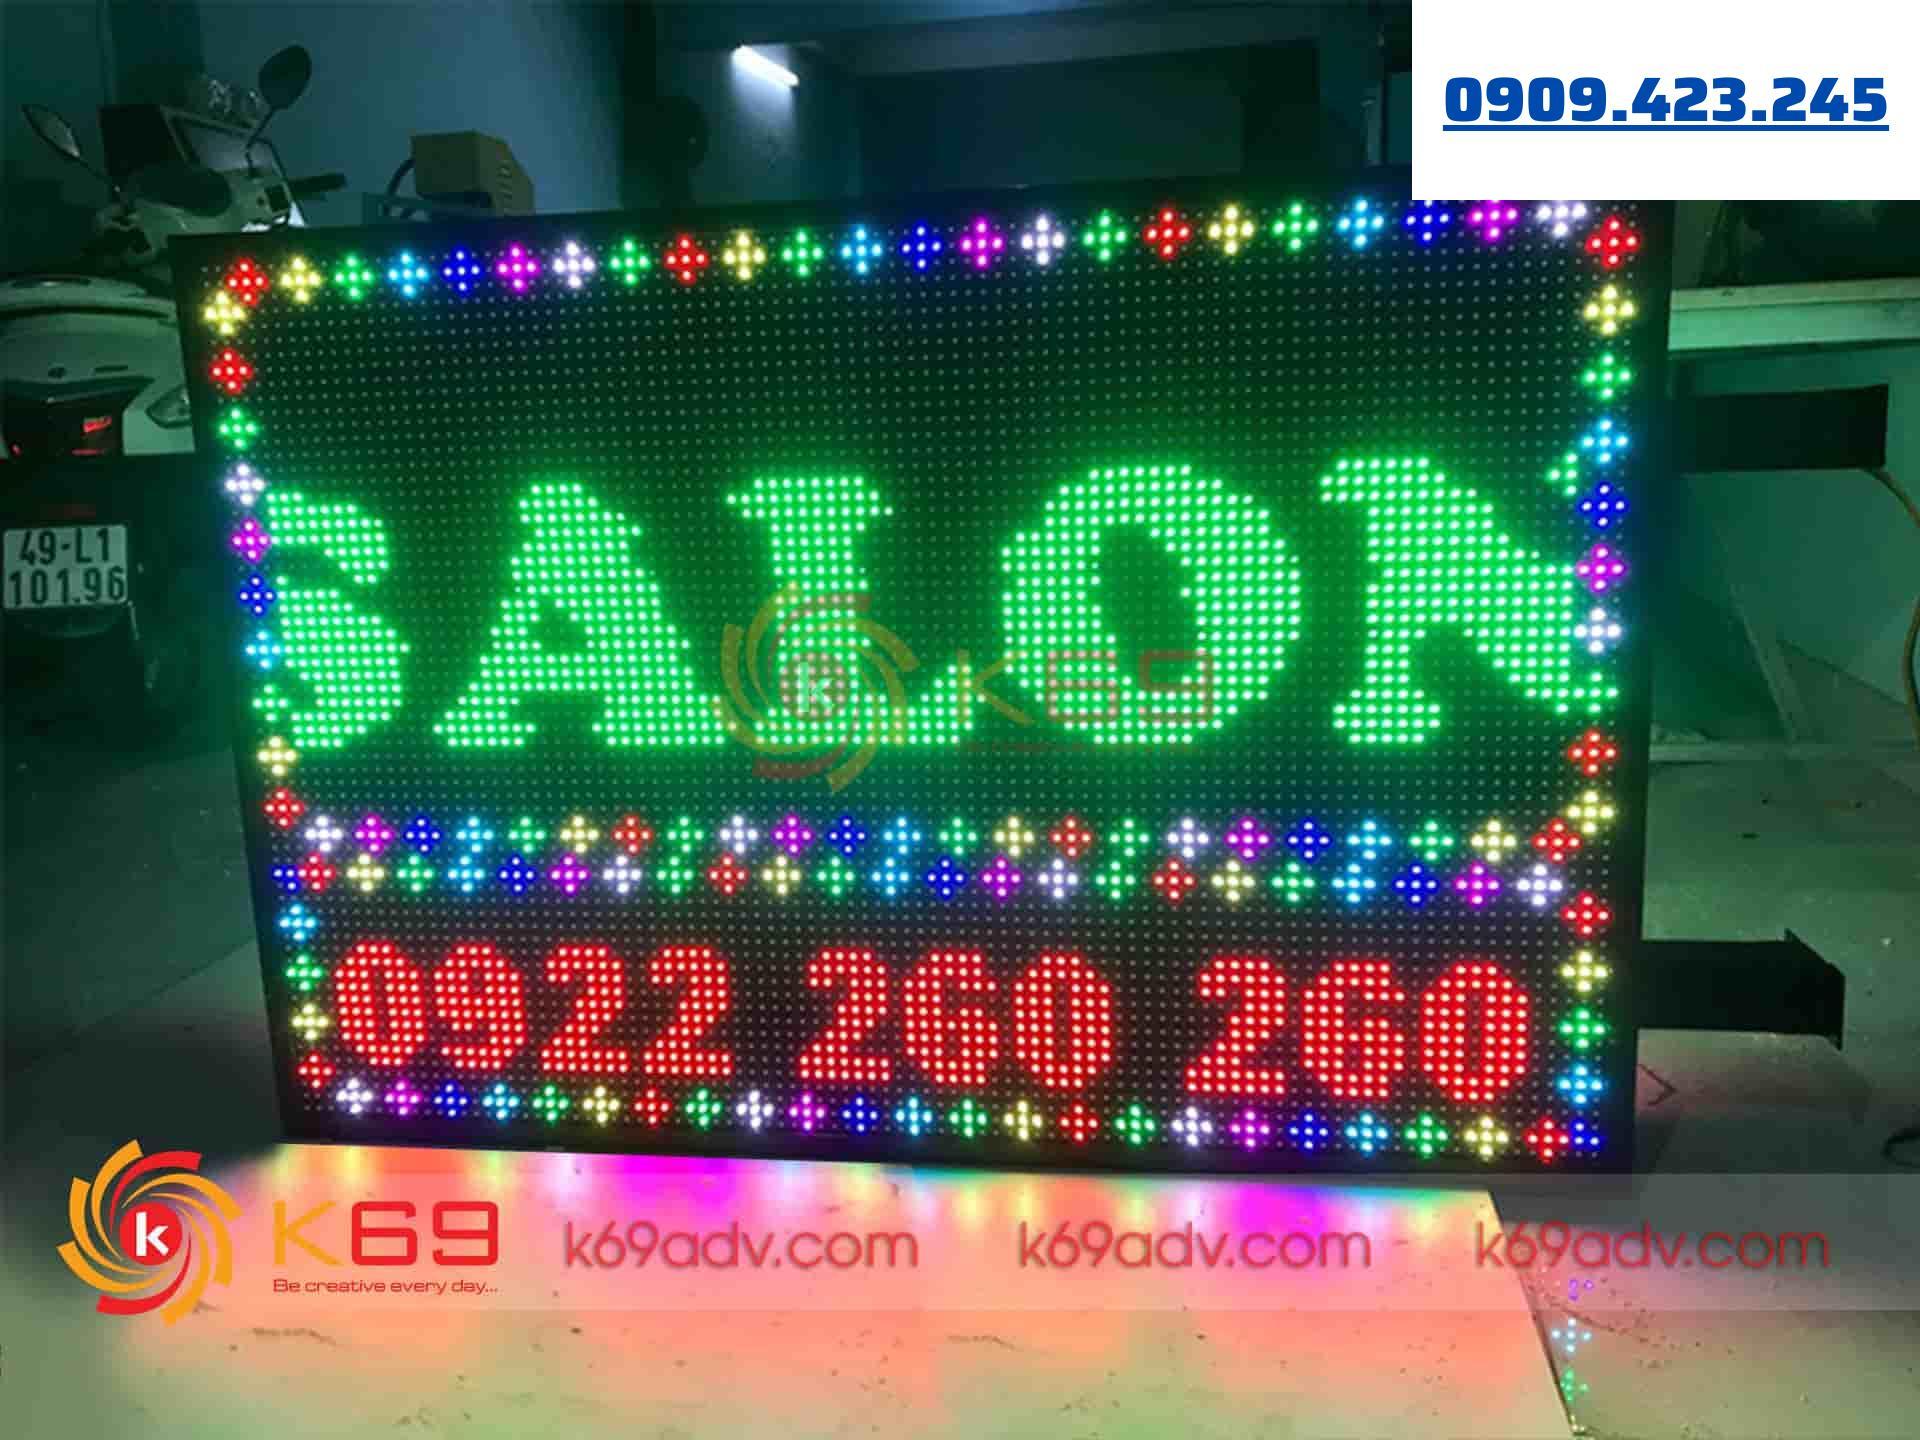 Làm bảng hiệu quảng cáo LED Matrix tại quận 1 của K69ADV